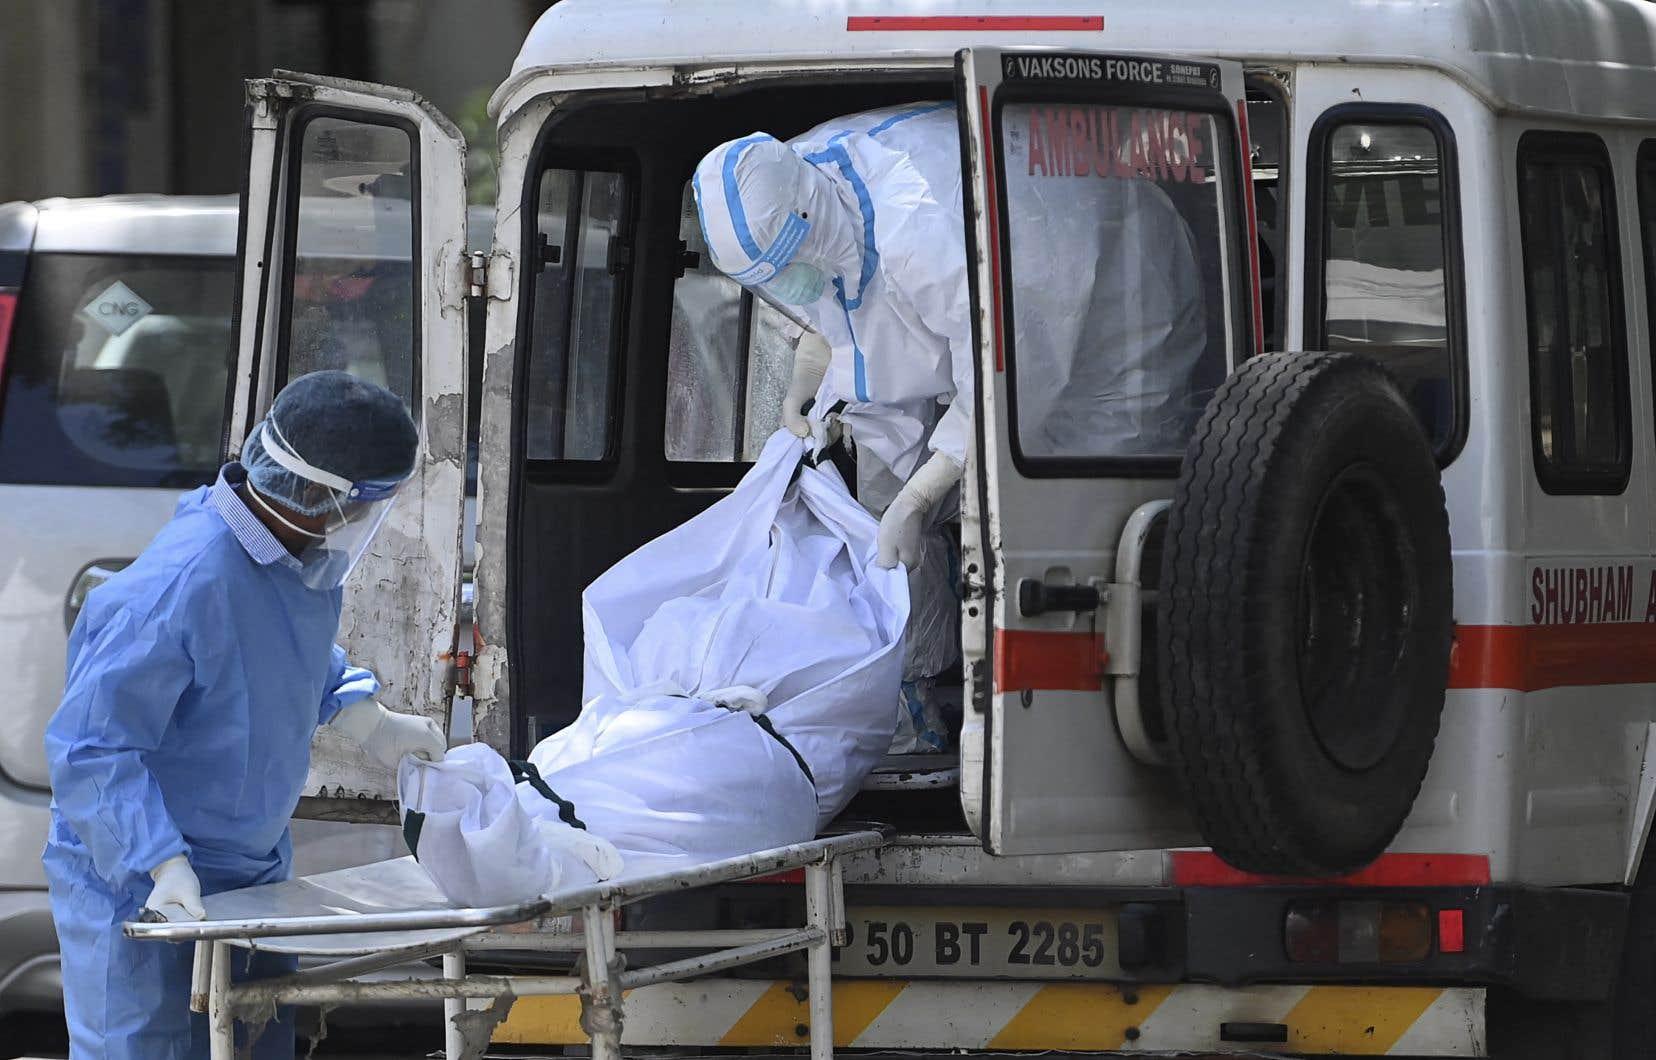 La pandémie a mis à rude épreuve le système de santé de l'Inde, qui est le troisième pays le plus endeuillé dans le monde depuis le début de la pandémie.